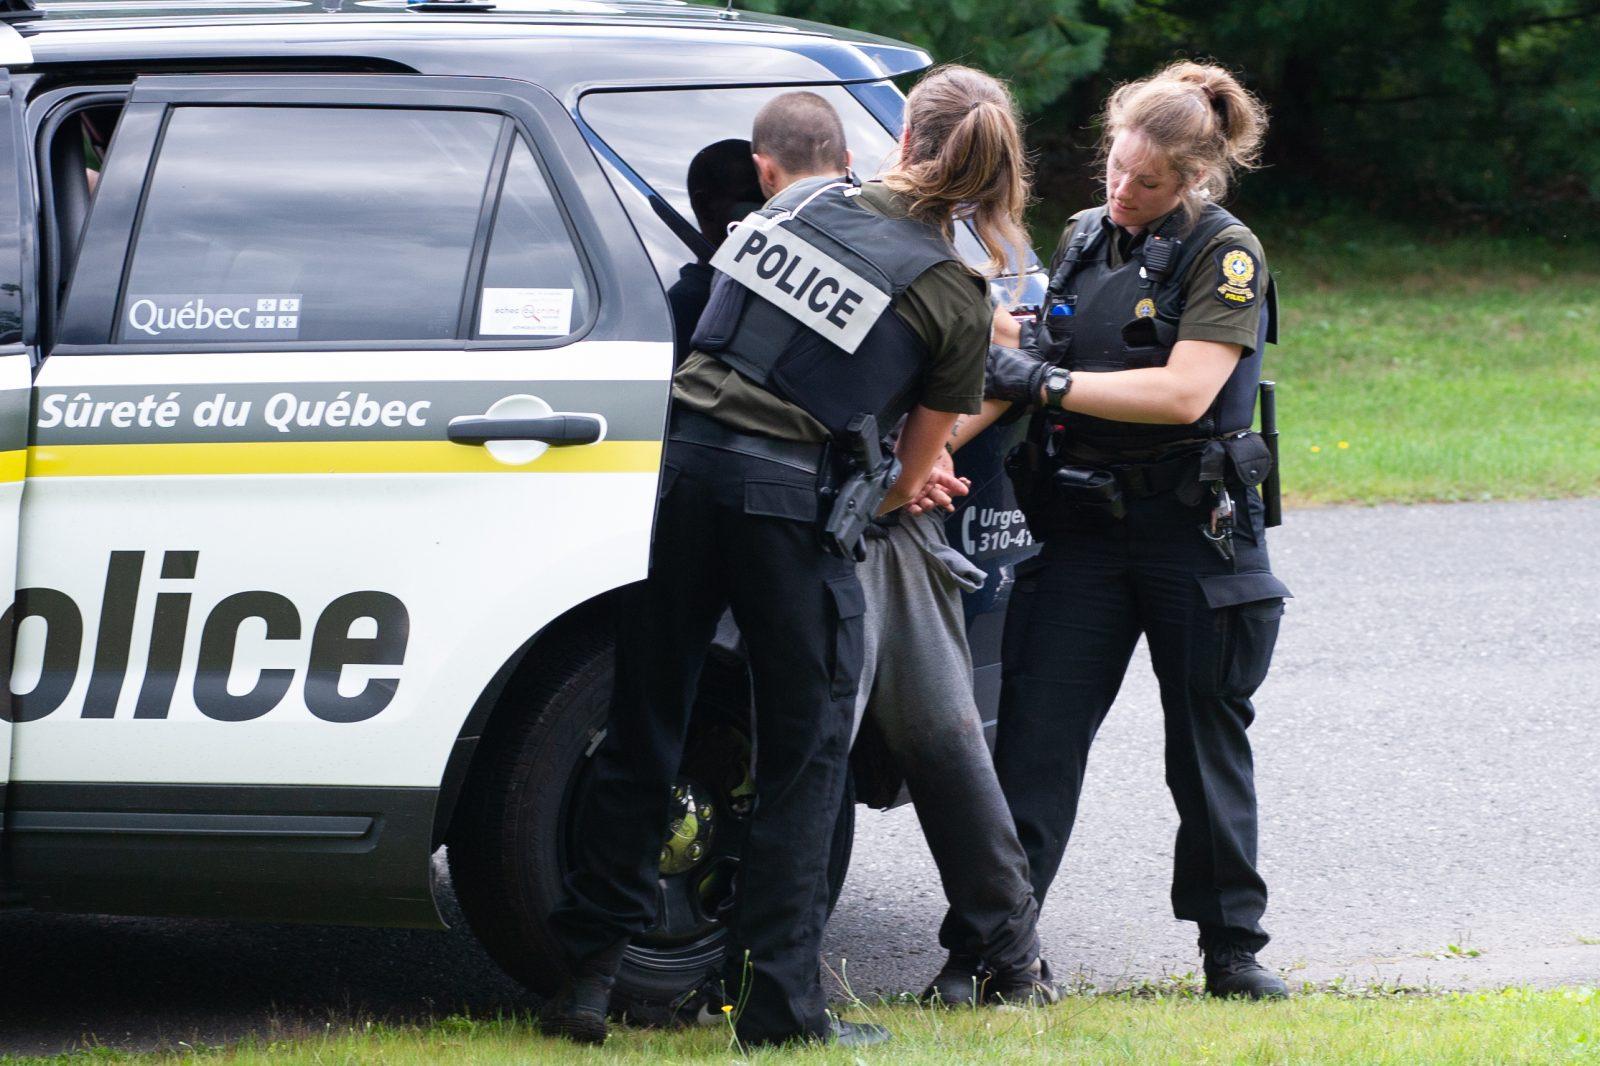 Un présumé voleur épinglé par les policiers (mise à jour)